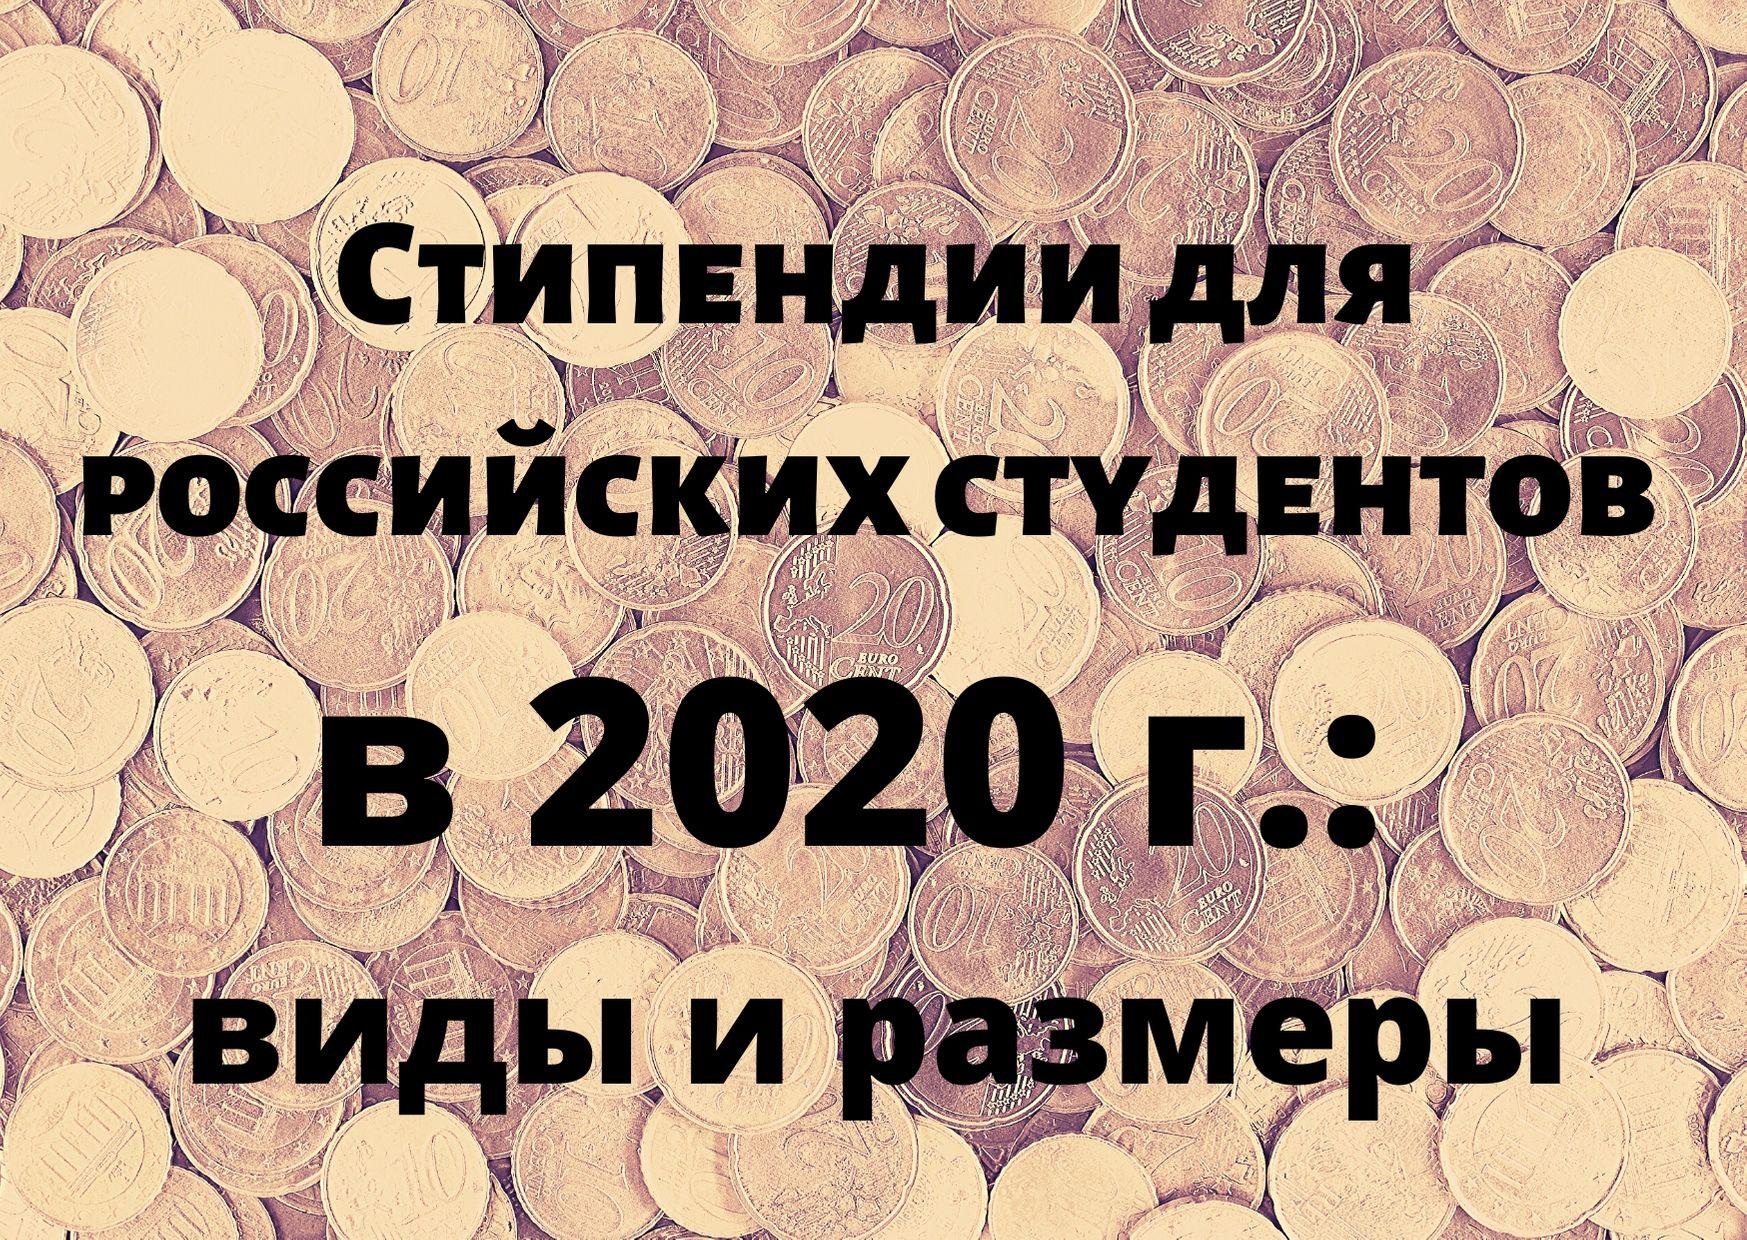 Стипендии для российских студентов в 2020 г.: виды и размеры